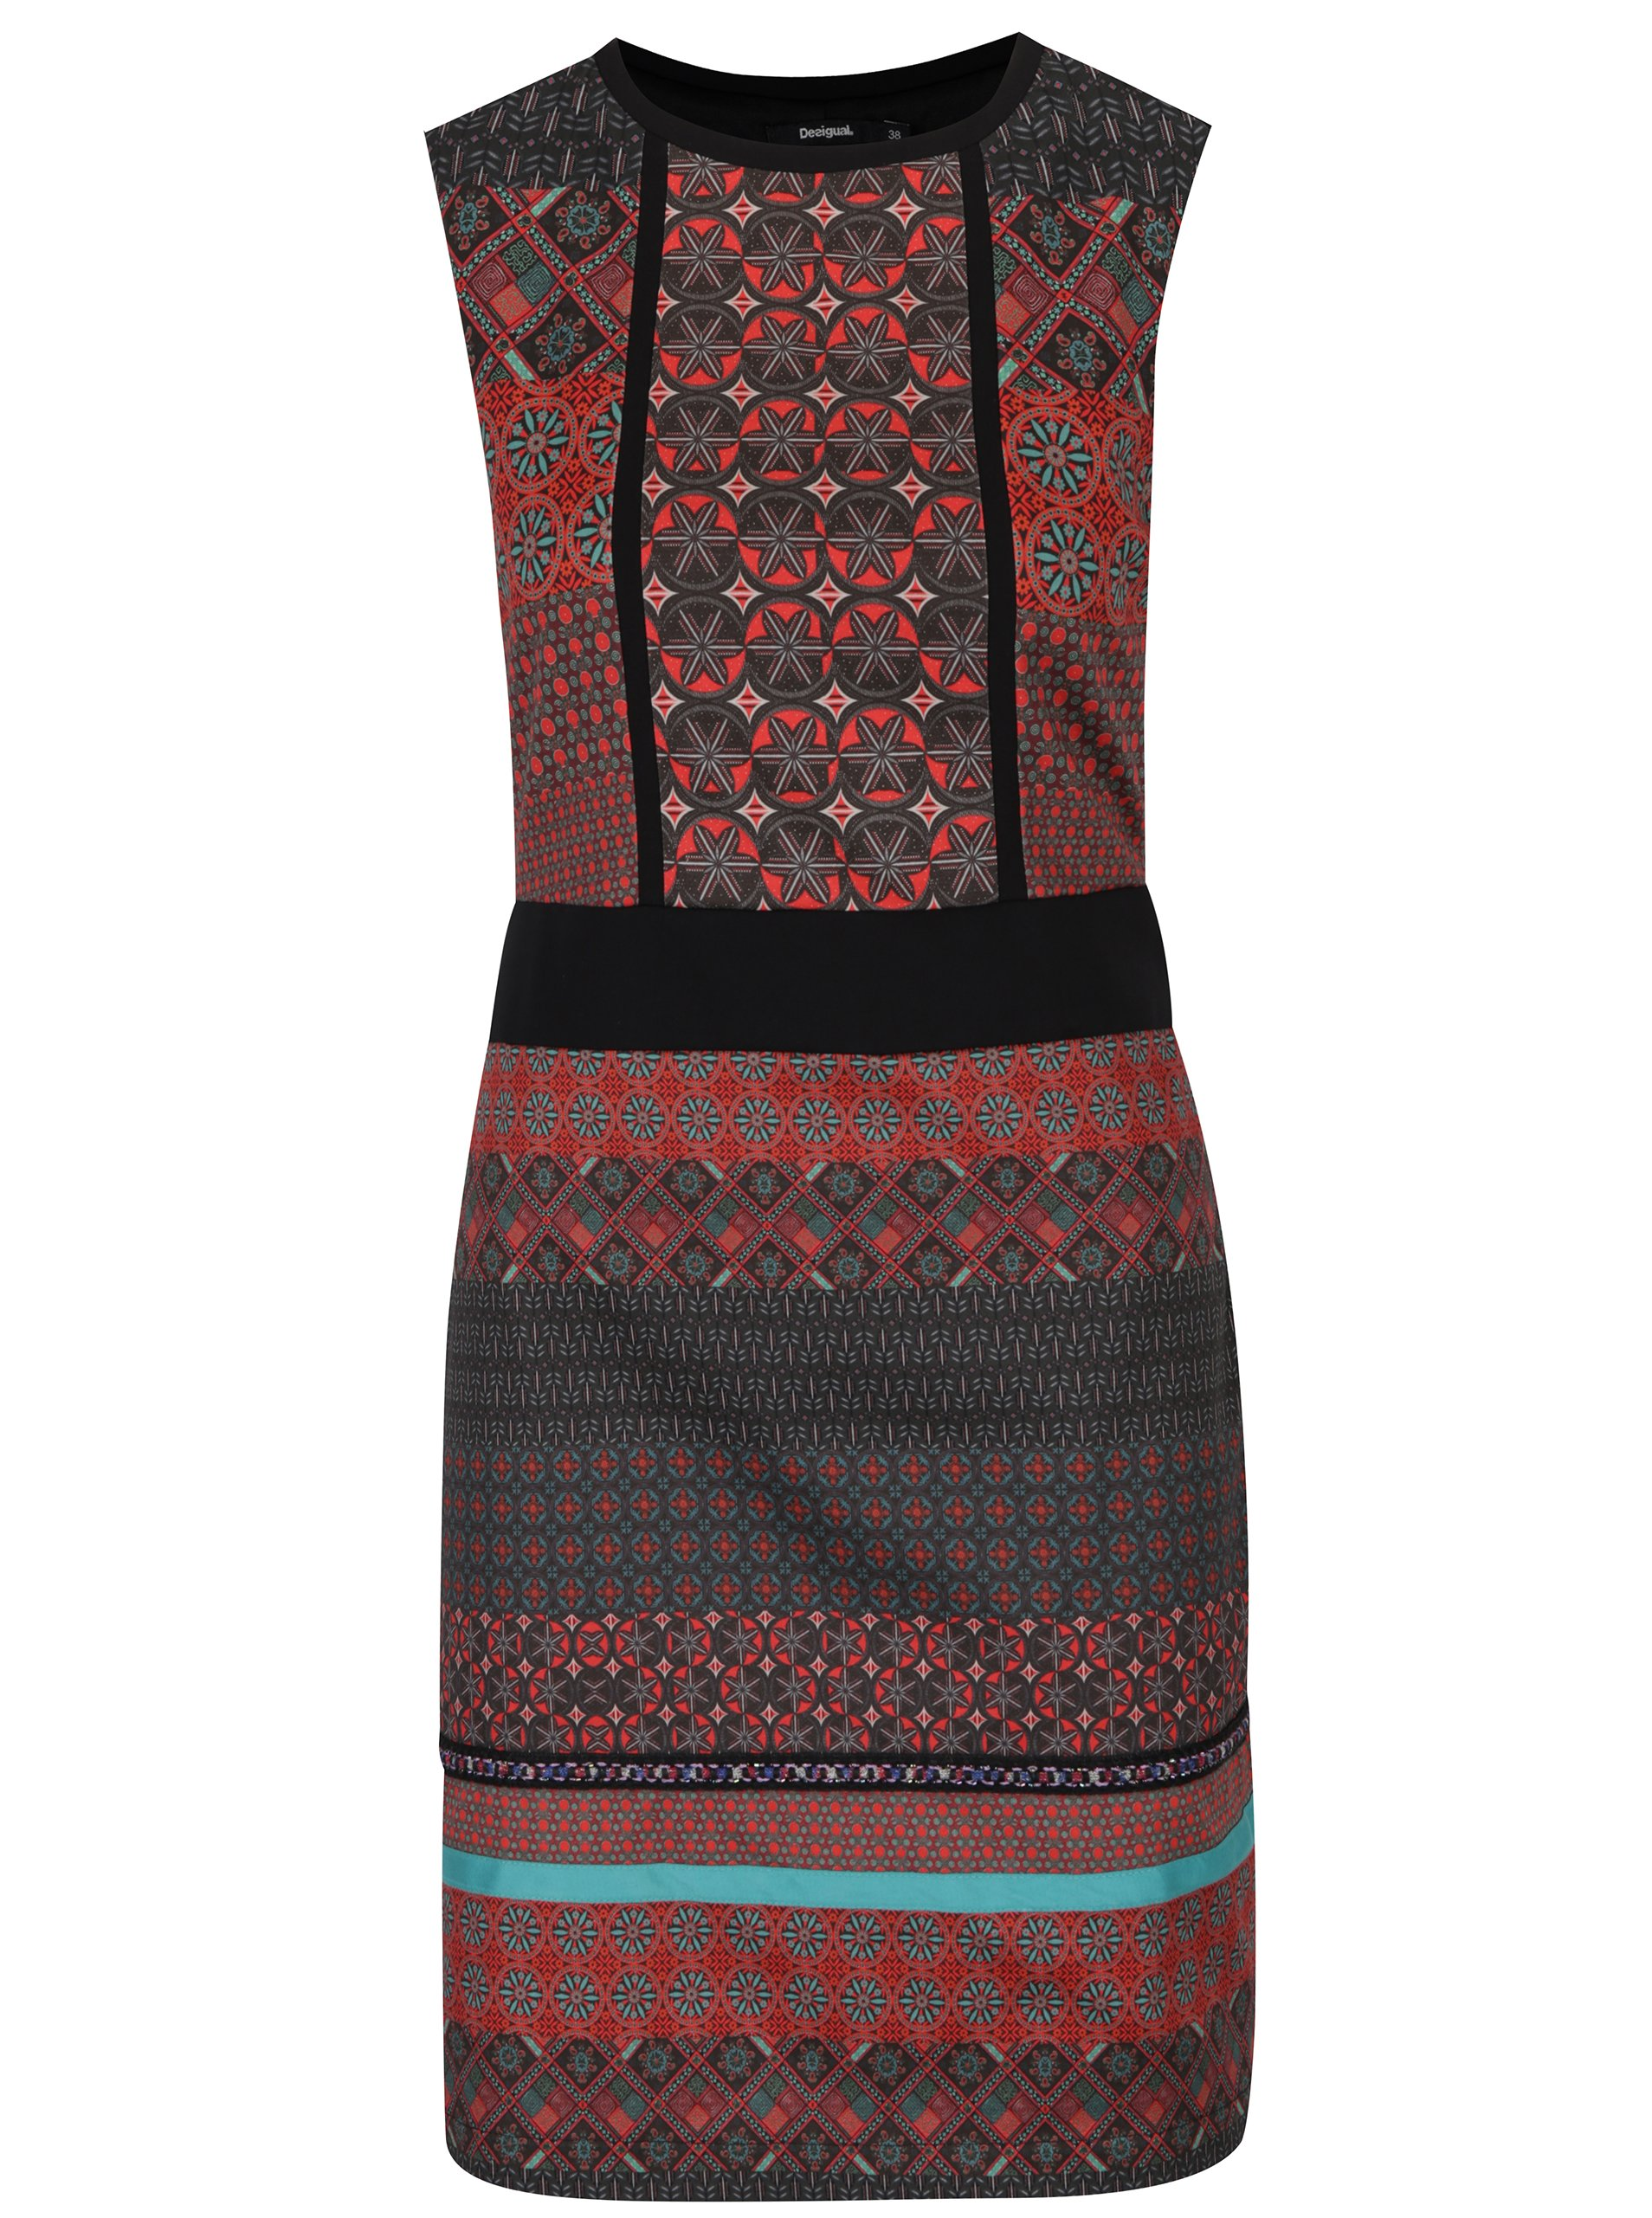 Červeno-černé vzorované pouzdrové šaty Desigual Birmania